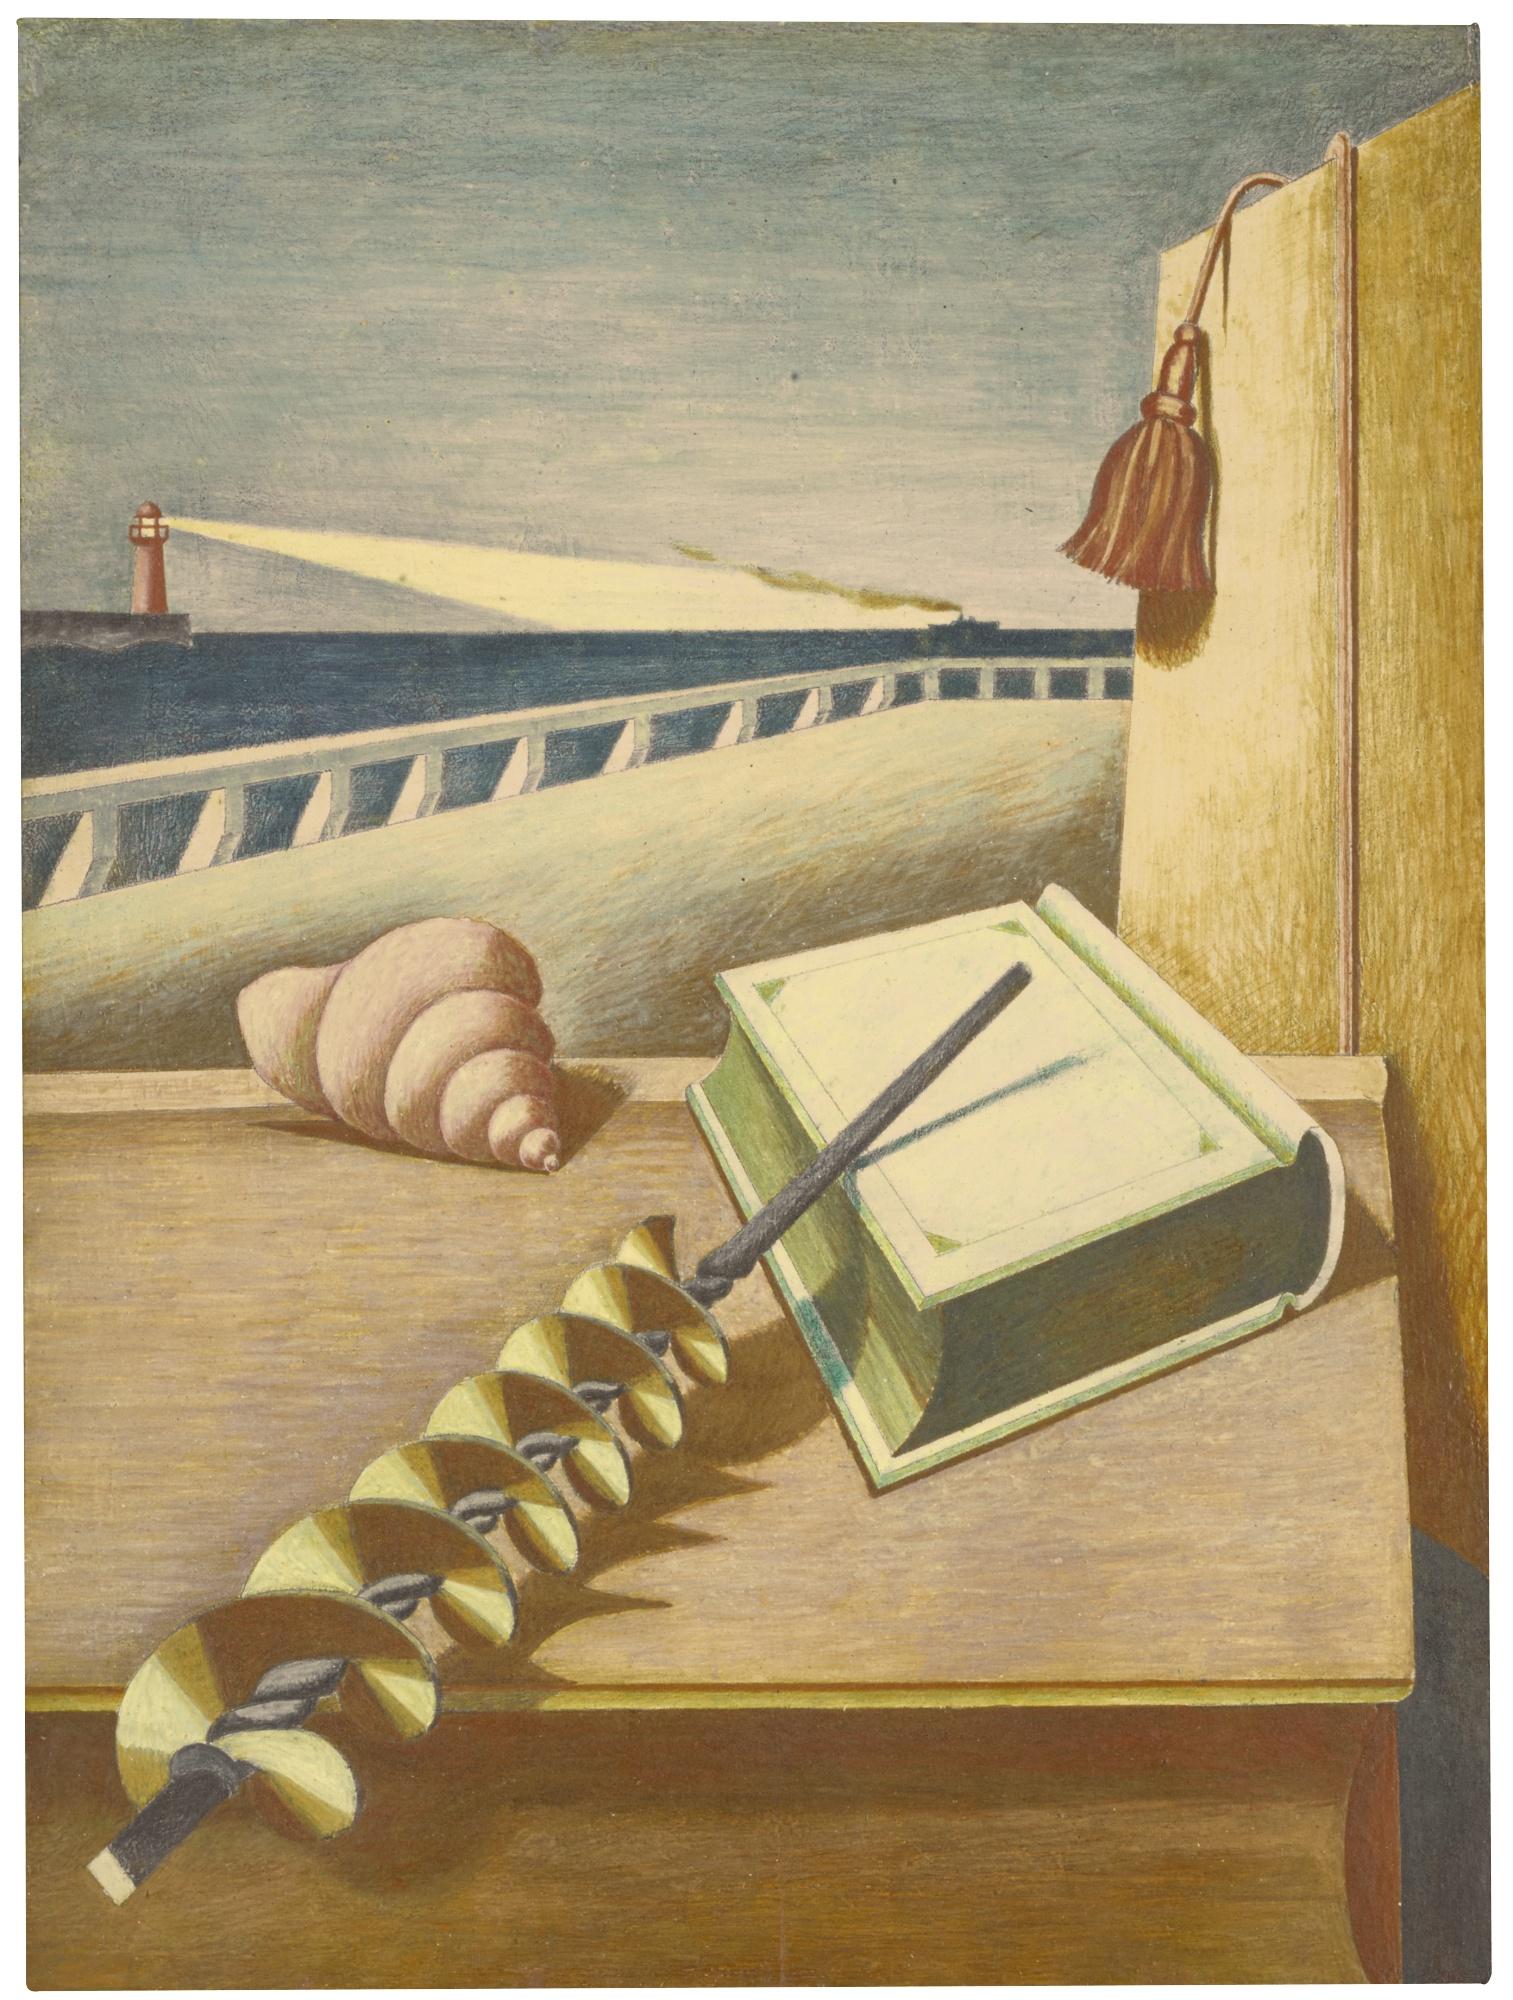 Edward Wadsworth-Au Revoir-1929